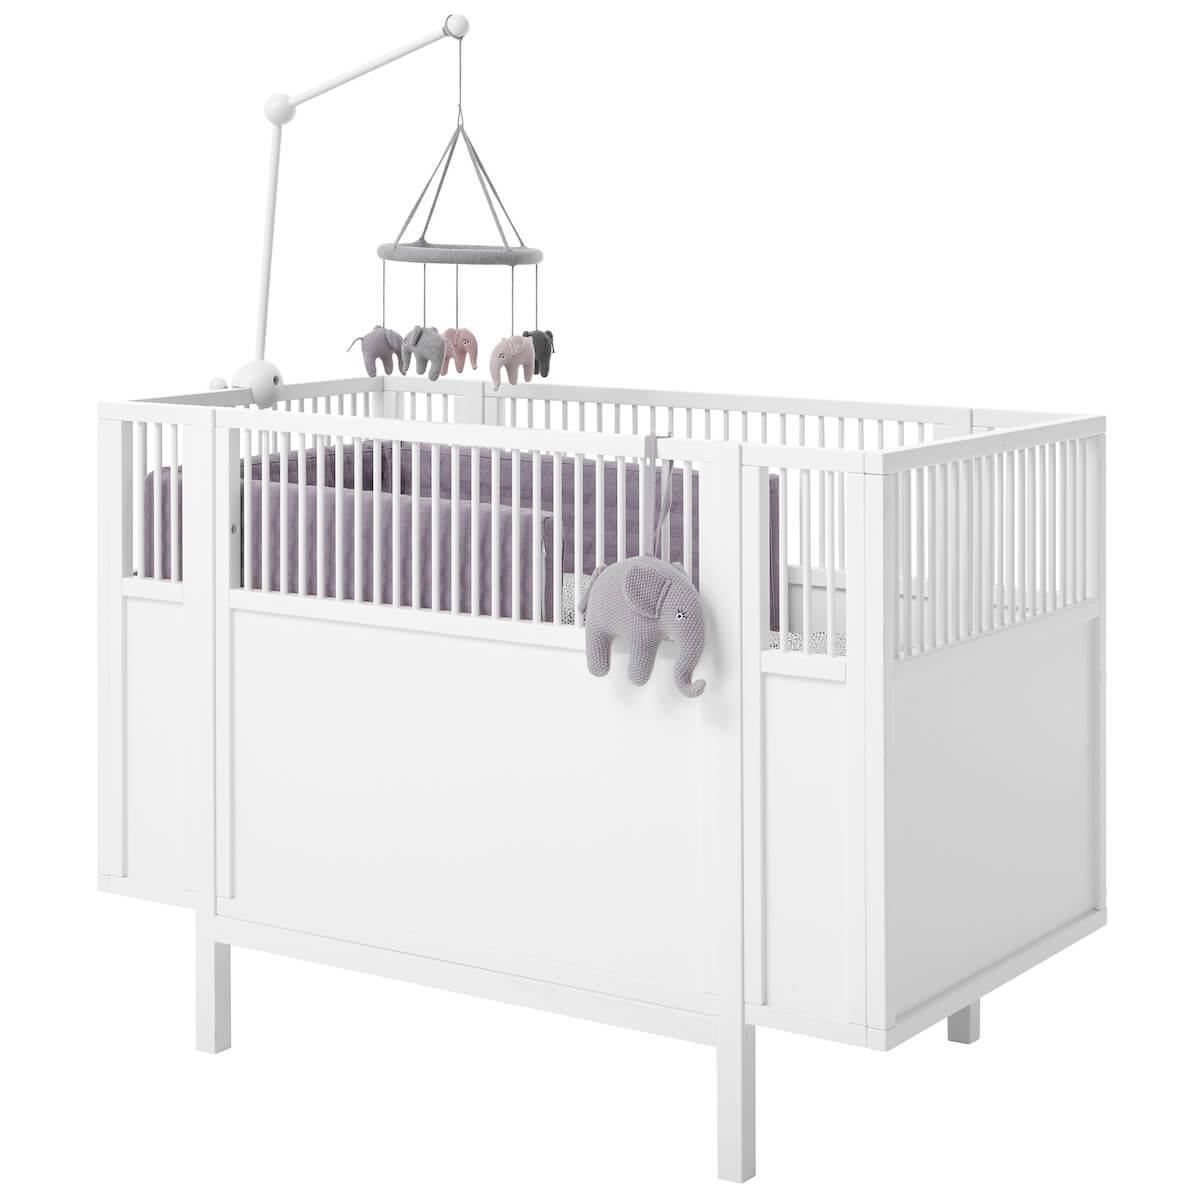 Lit bébé 60x120cm Lifetime blanc